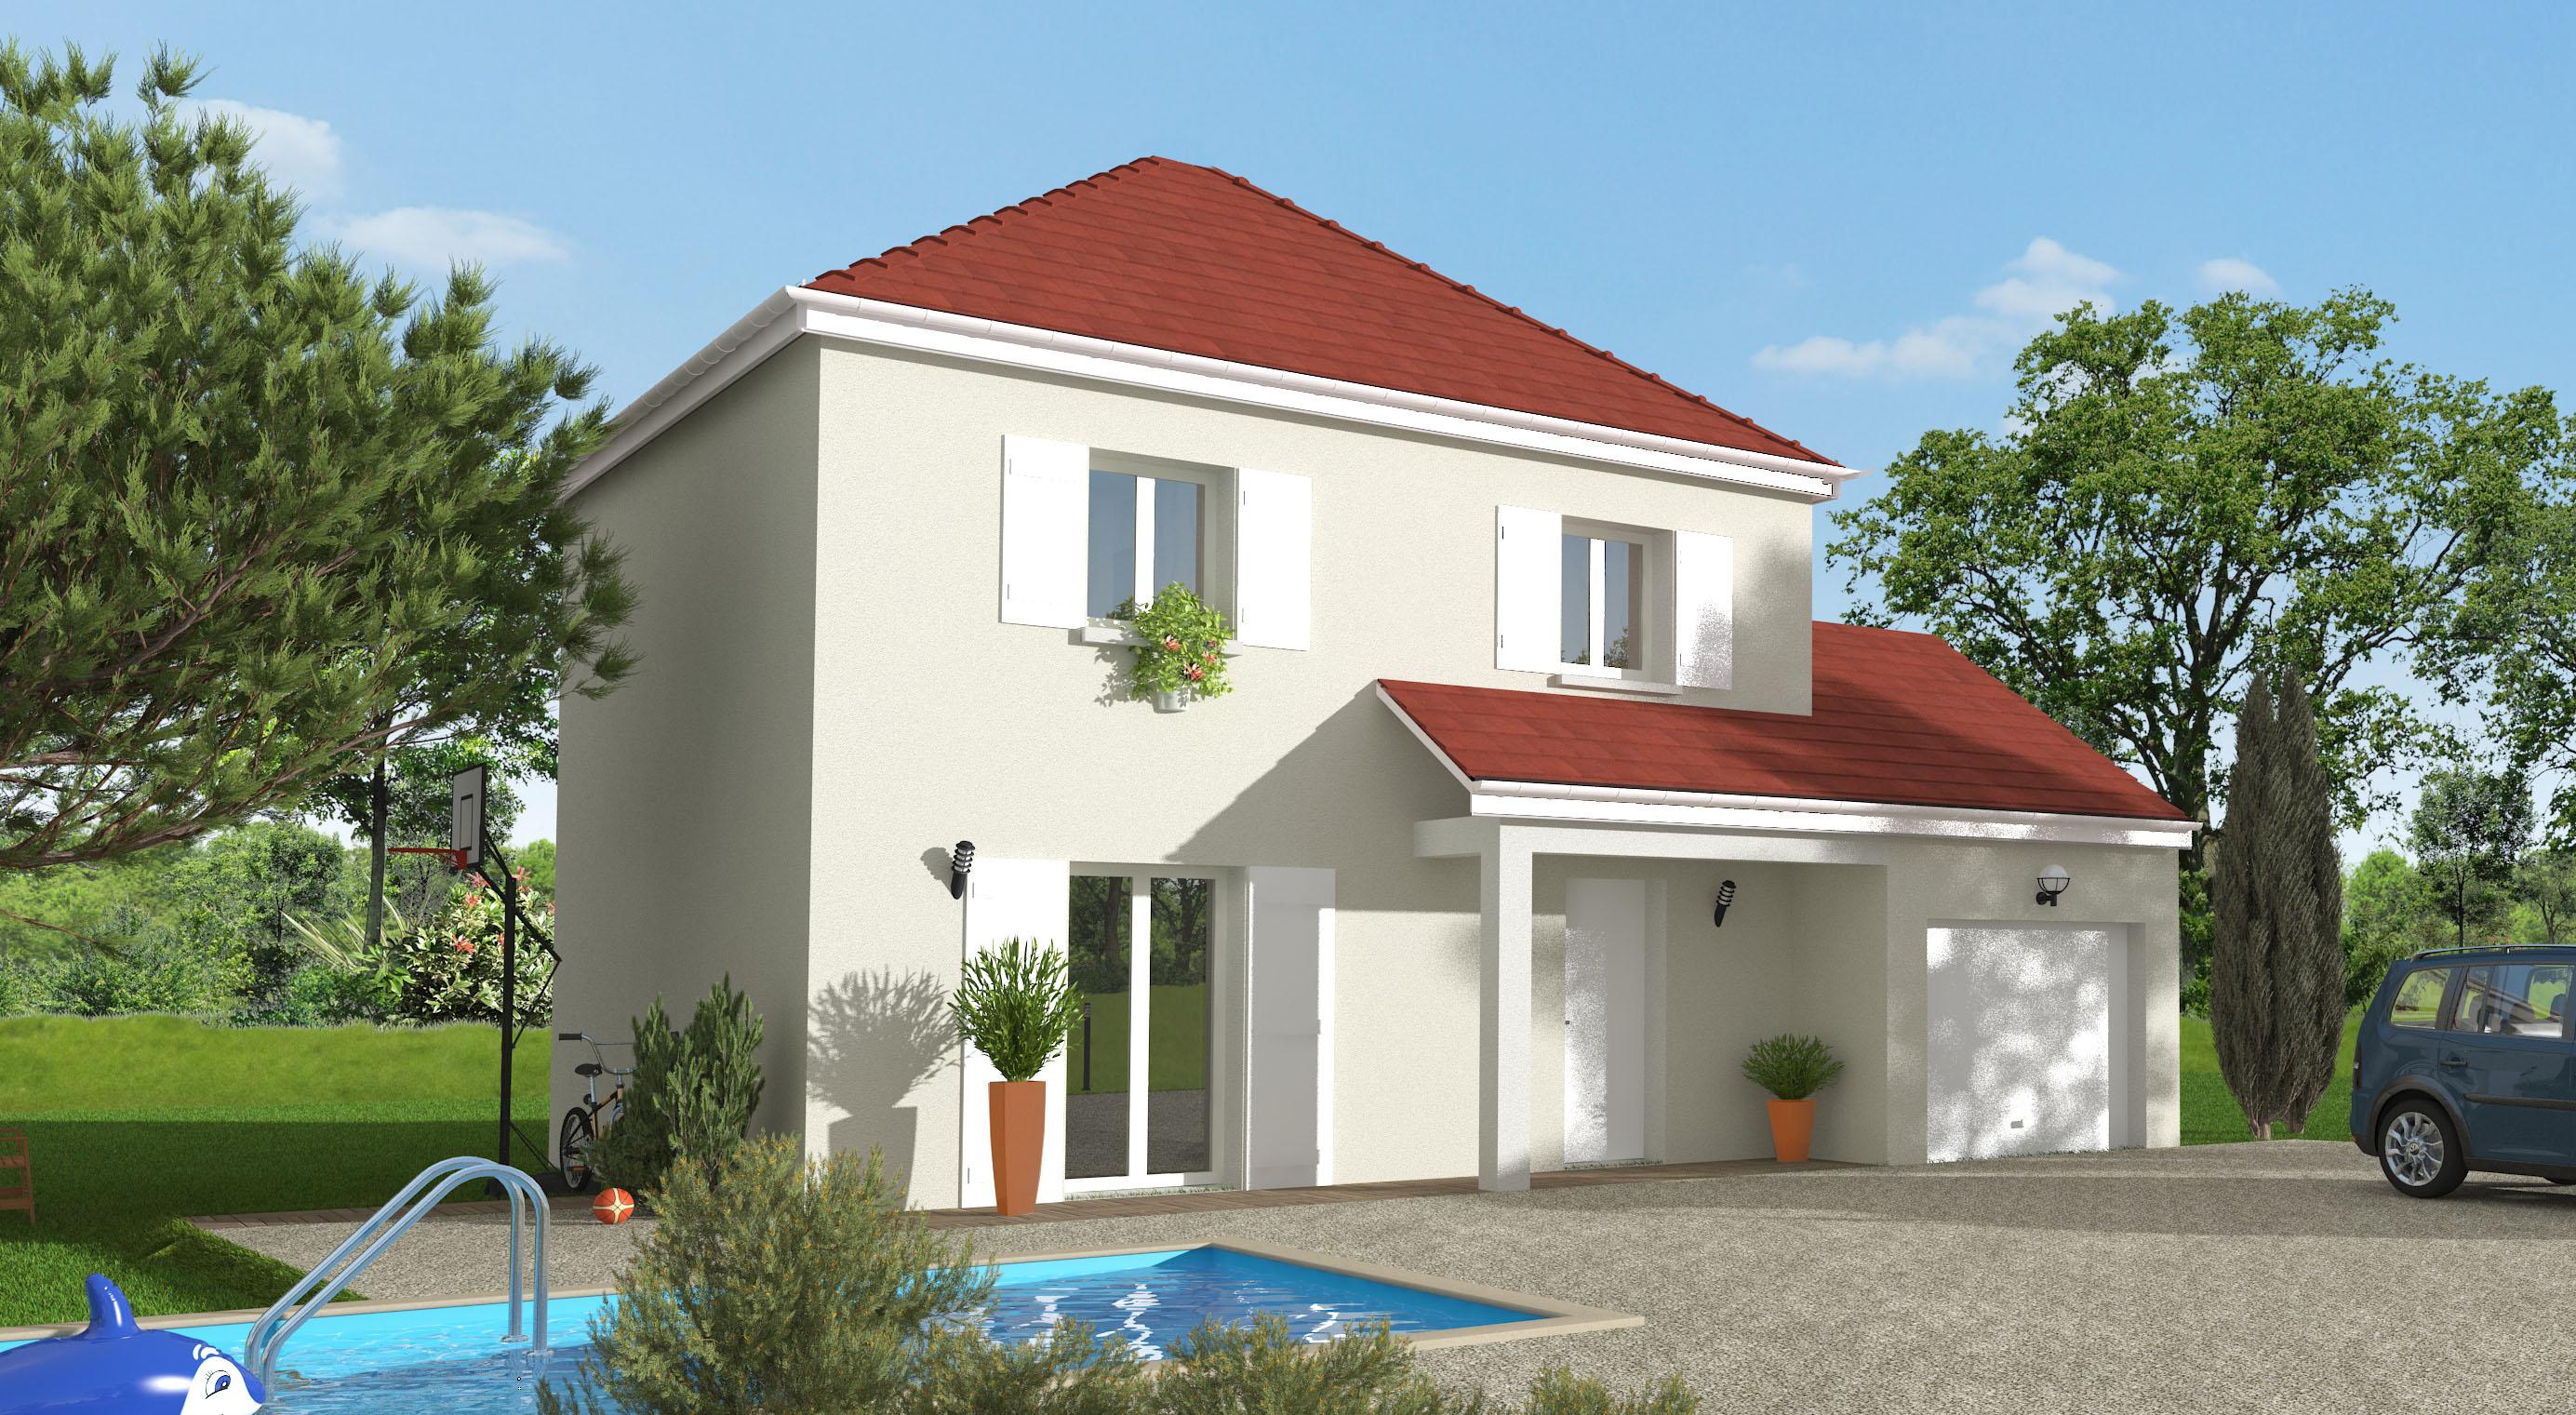 Maisons + Terrains du constructeur MAISON 7 SENS • 85 m² • SAINT FARGEAU PONTHIERRY